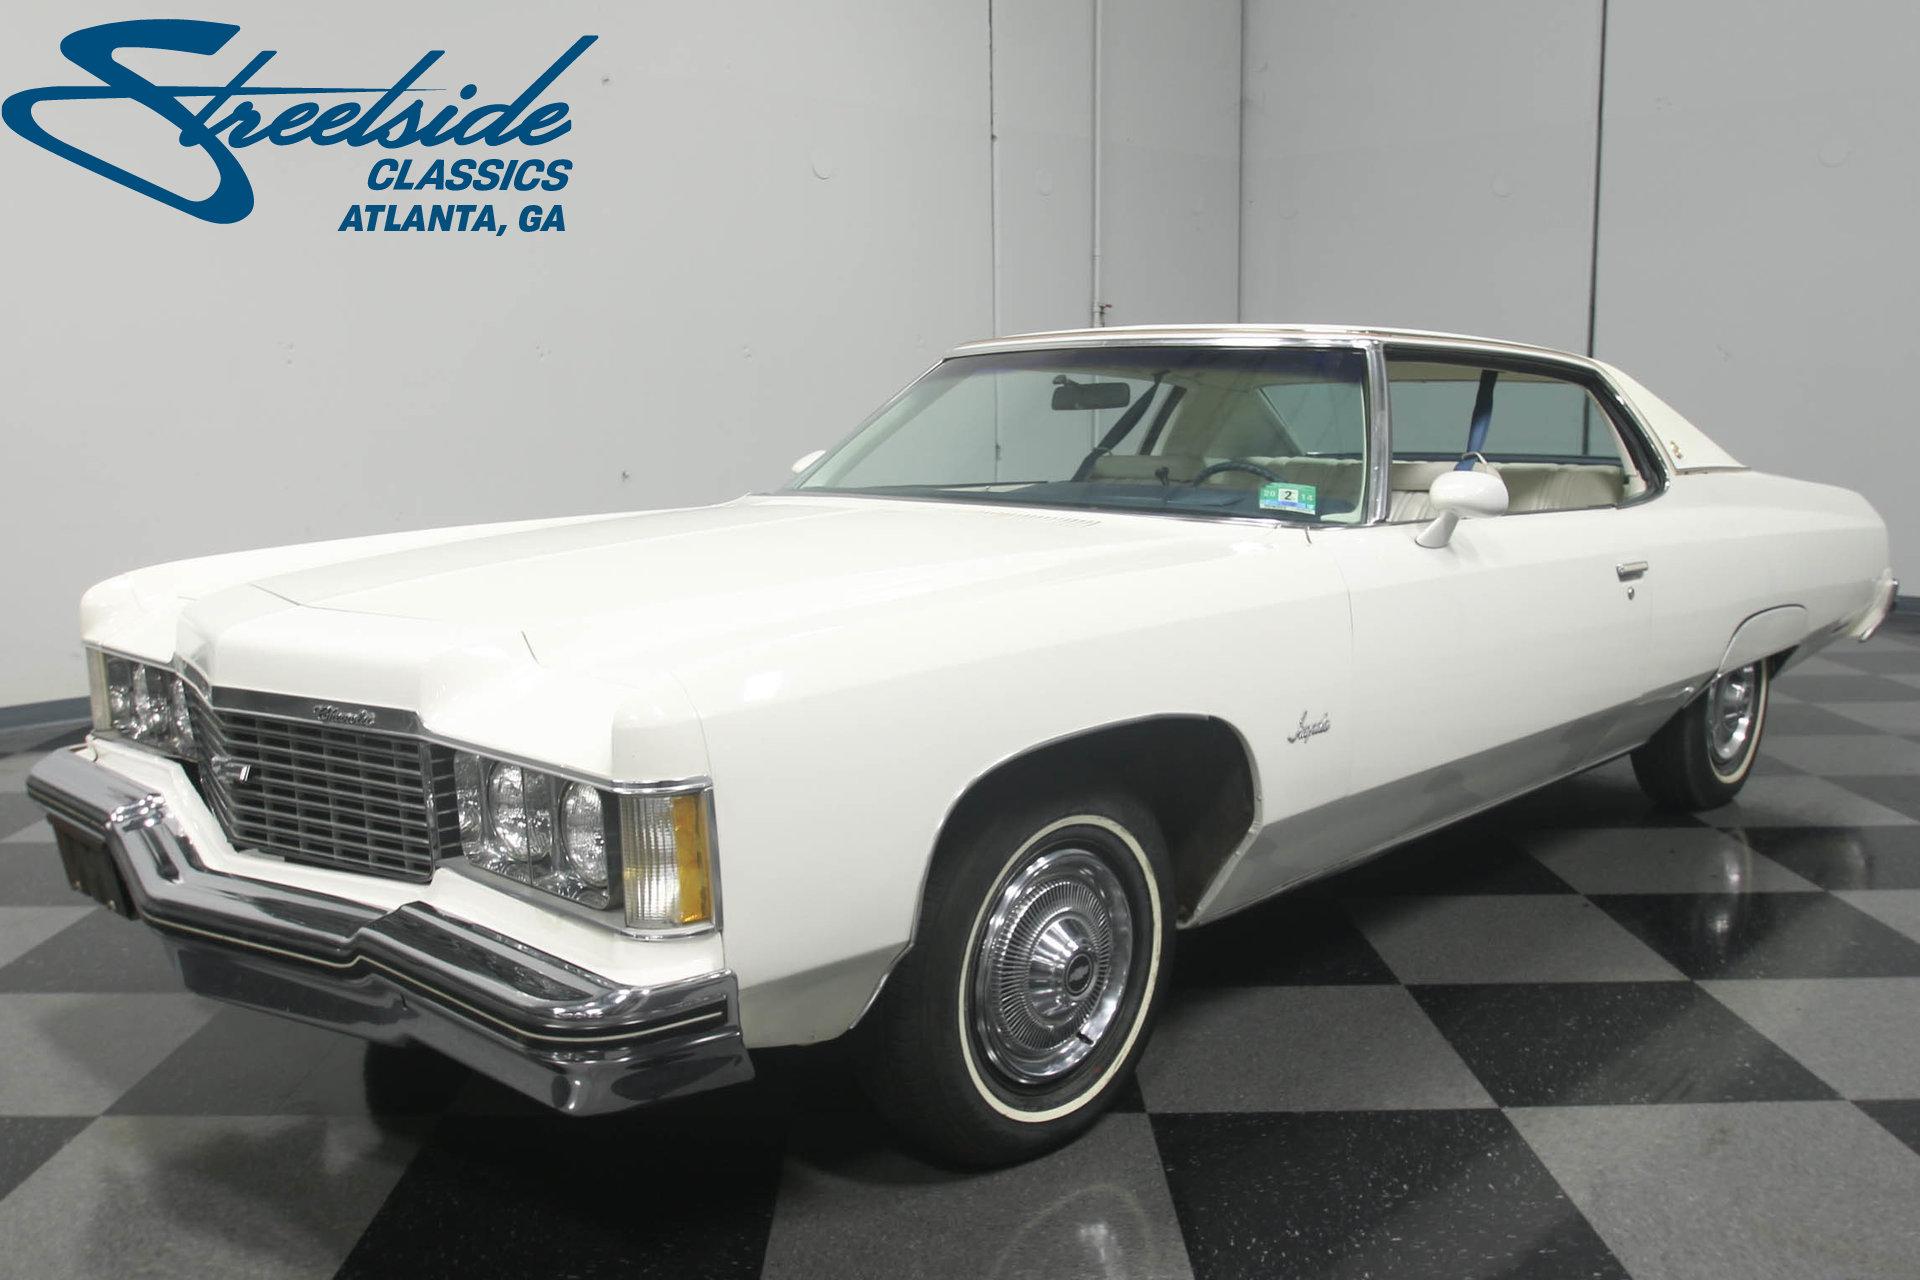 1974 Chevrolet Impala Streetside Classics The Nation S